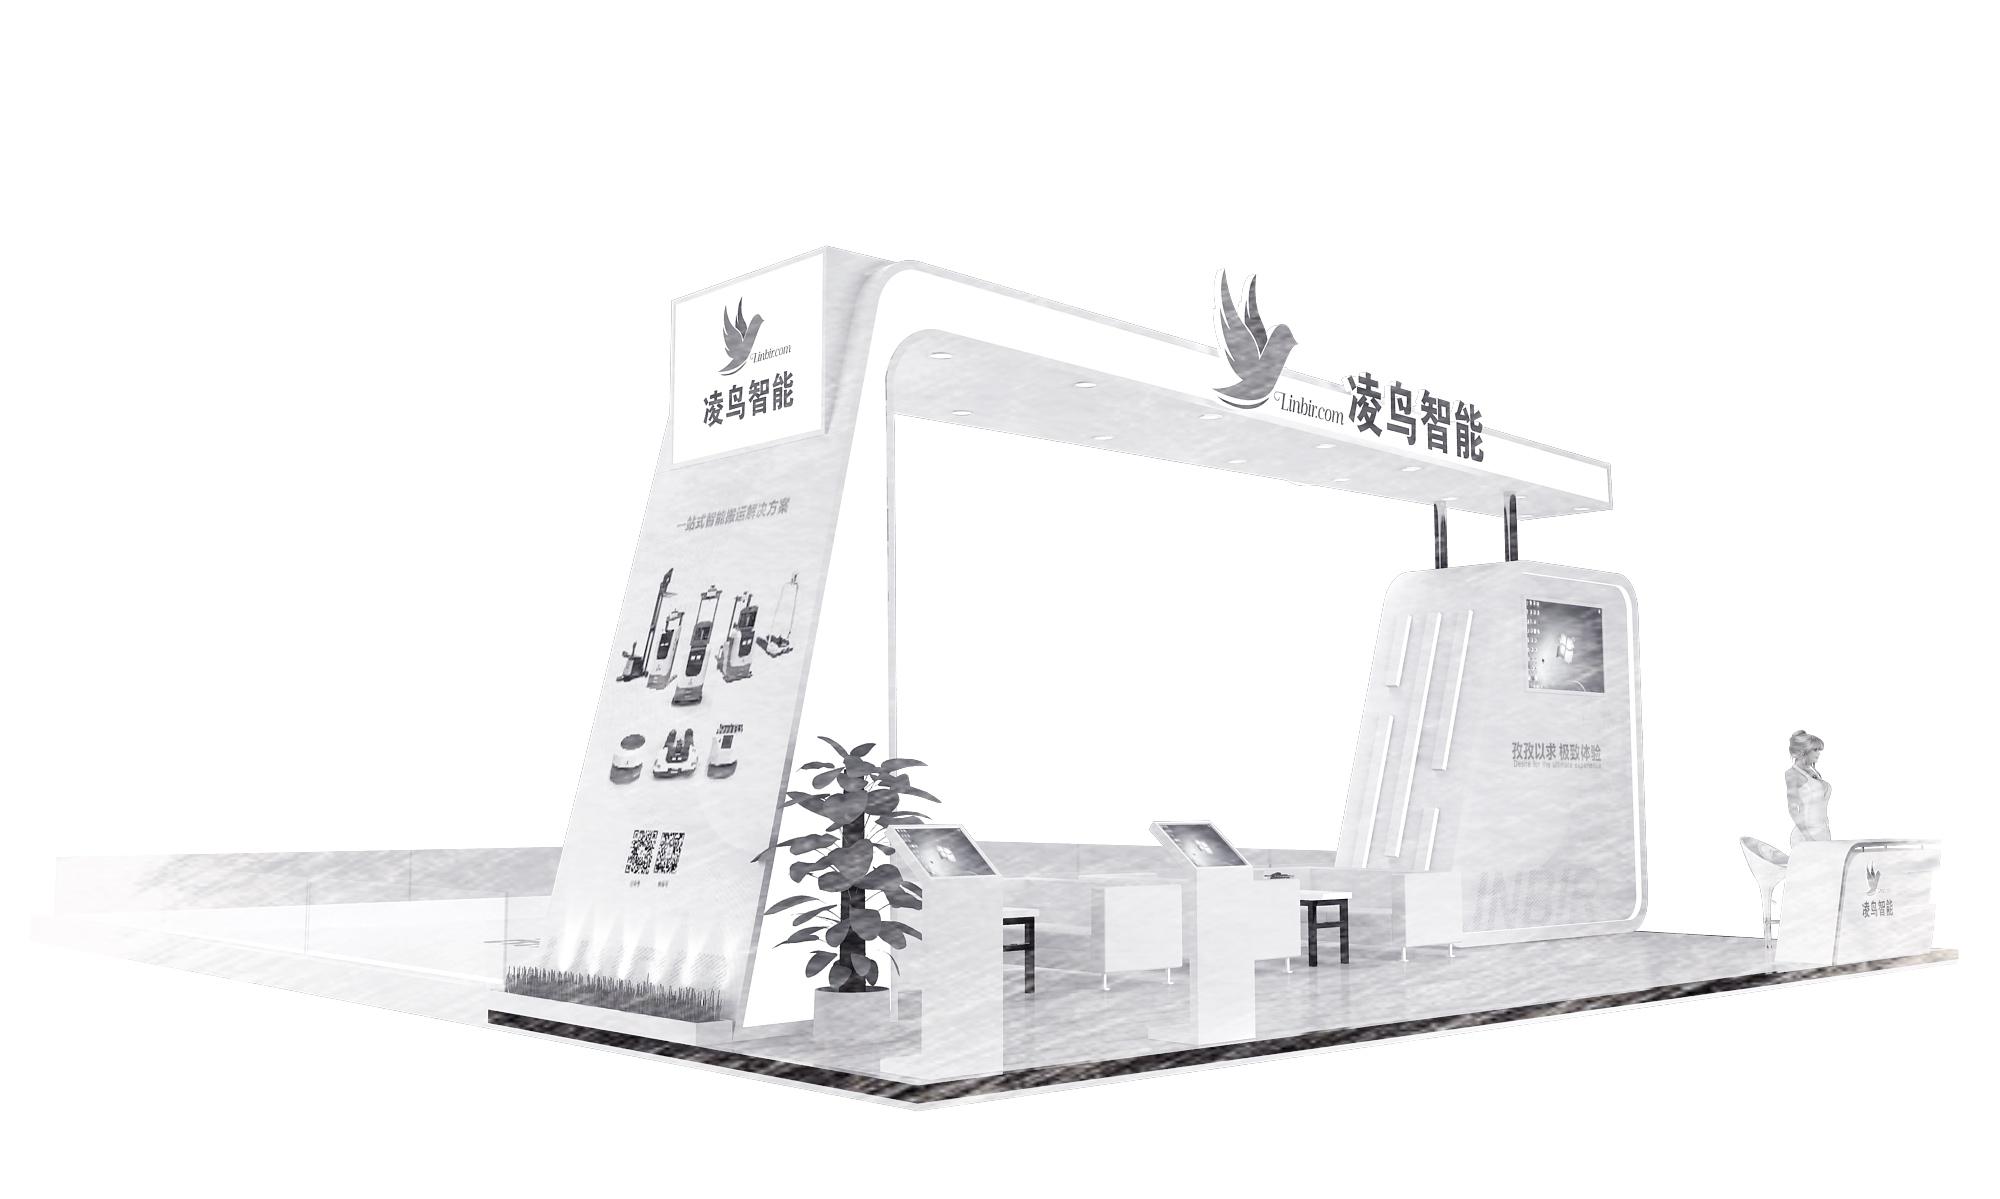 您有一份凌鸟智能发来2020 CeMAT ASIA 亚洲国际物流展览会邀请函;2020 CEMAT ASIA亚洲物流展览会 1、展会名称:亚洲国际物流技术与运输系统展览会 2、展会时间:2020年11月3日-11月6日 3、展会地点:上海新国际博览中心(上海市浦东新区龙阳路2345号)更多凌鸟智能AGV小车2020亚洲物流展信息  11月3日-6日我们不见不散